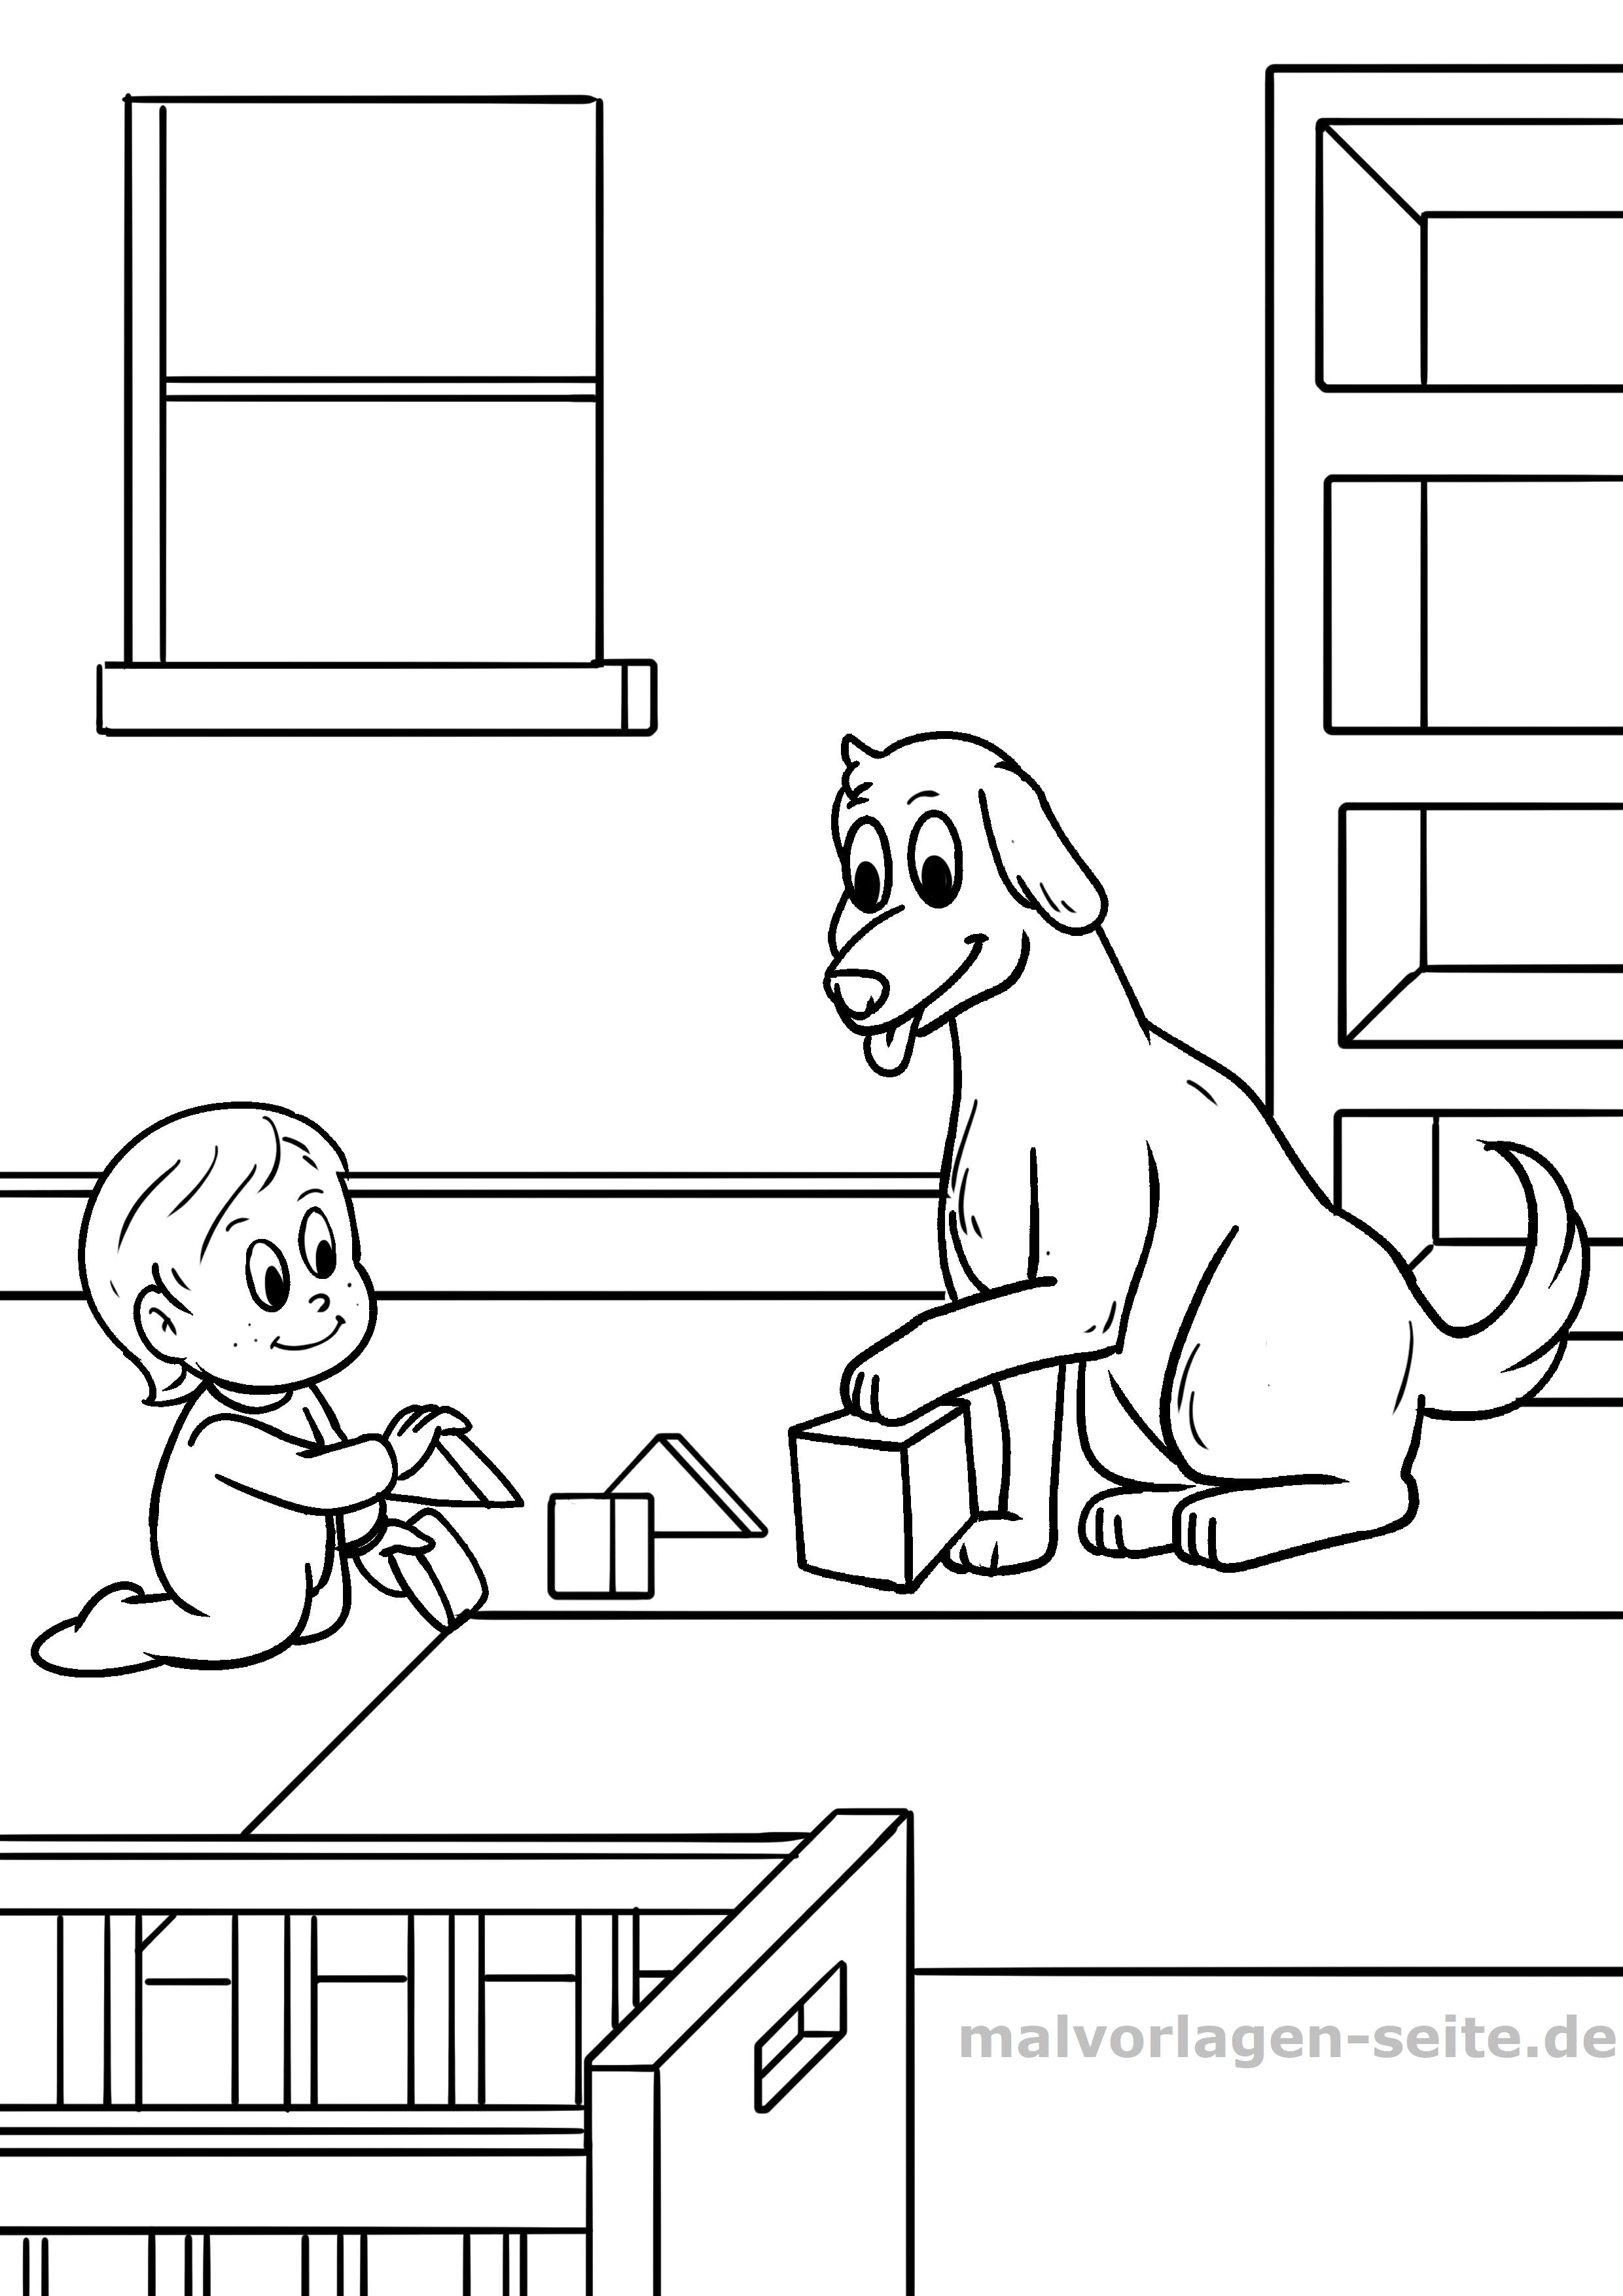 Malvorlage Kind Mit Hund Gratis Malvorlagen Zum Download